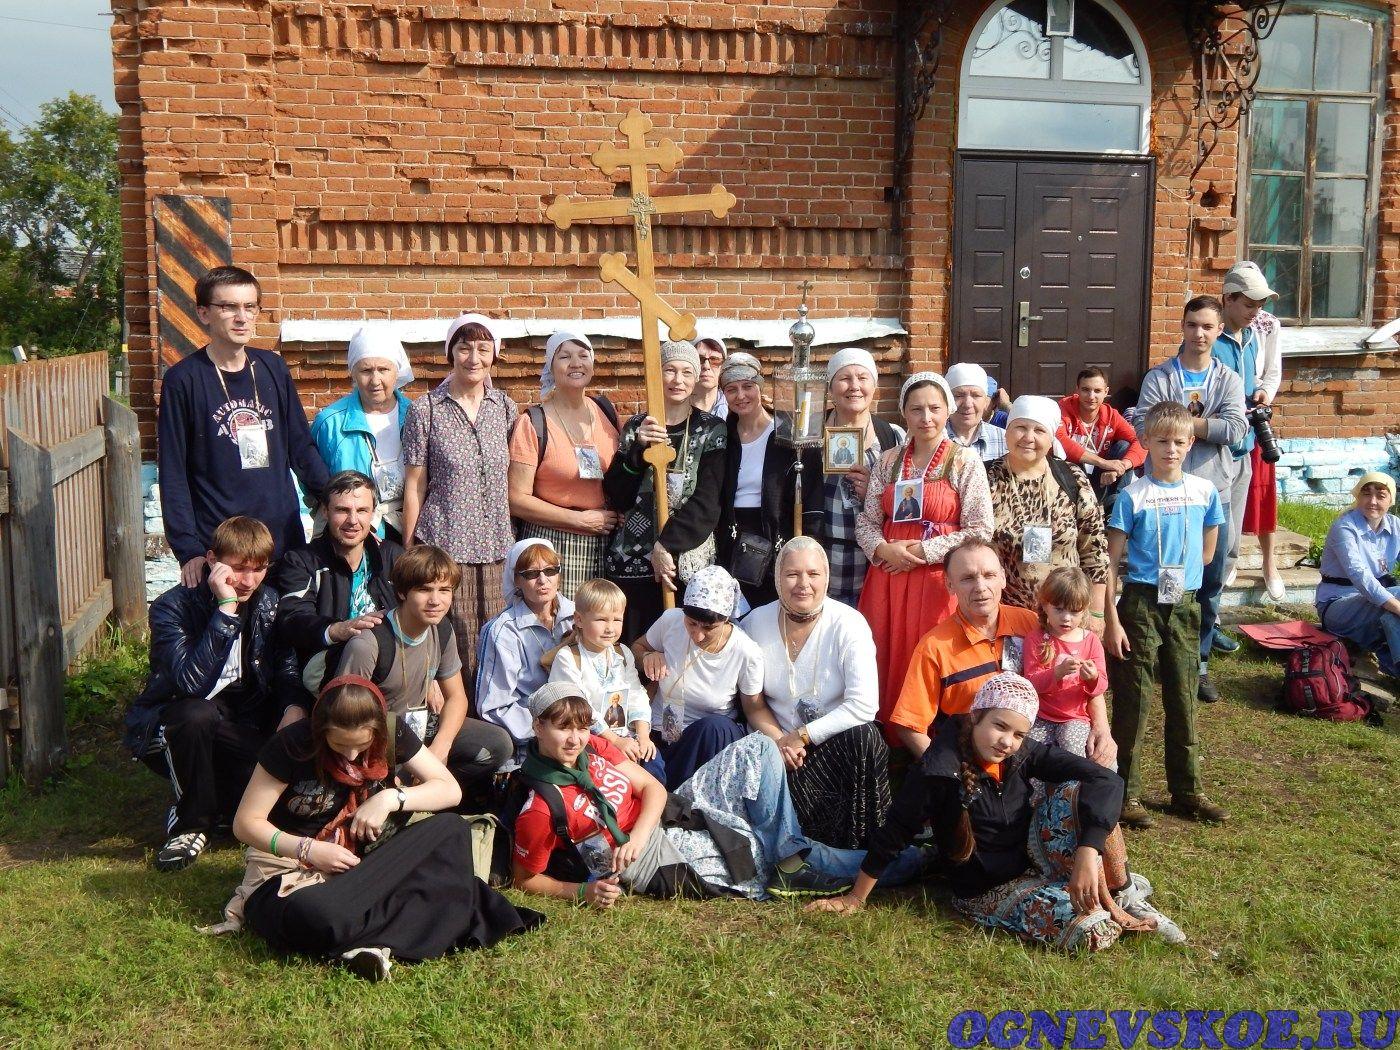 Участники Крестного хода 4 августа 2014 года из села Огнёвское в село Багаряк (23.11.2014)